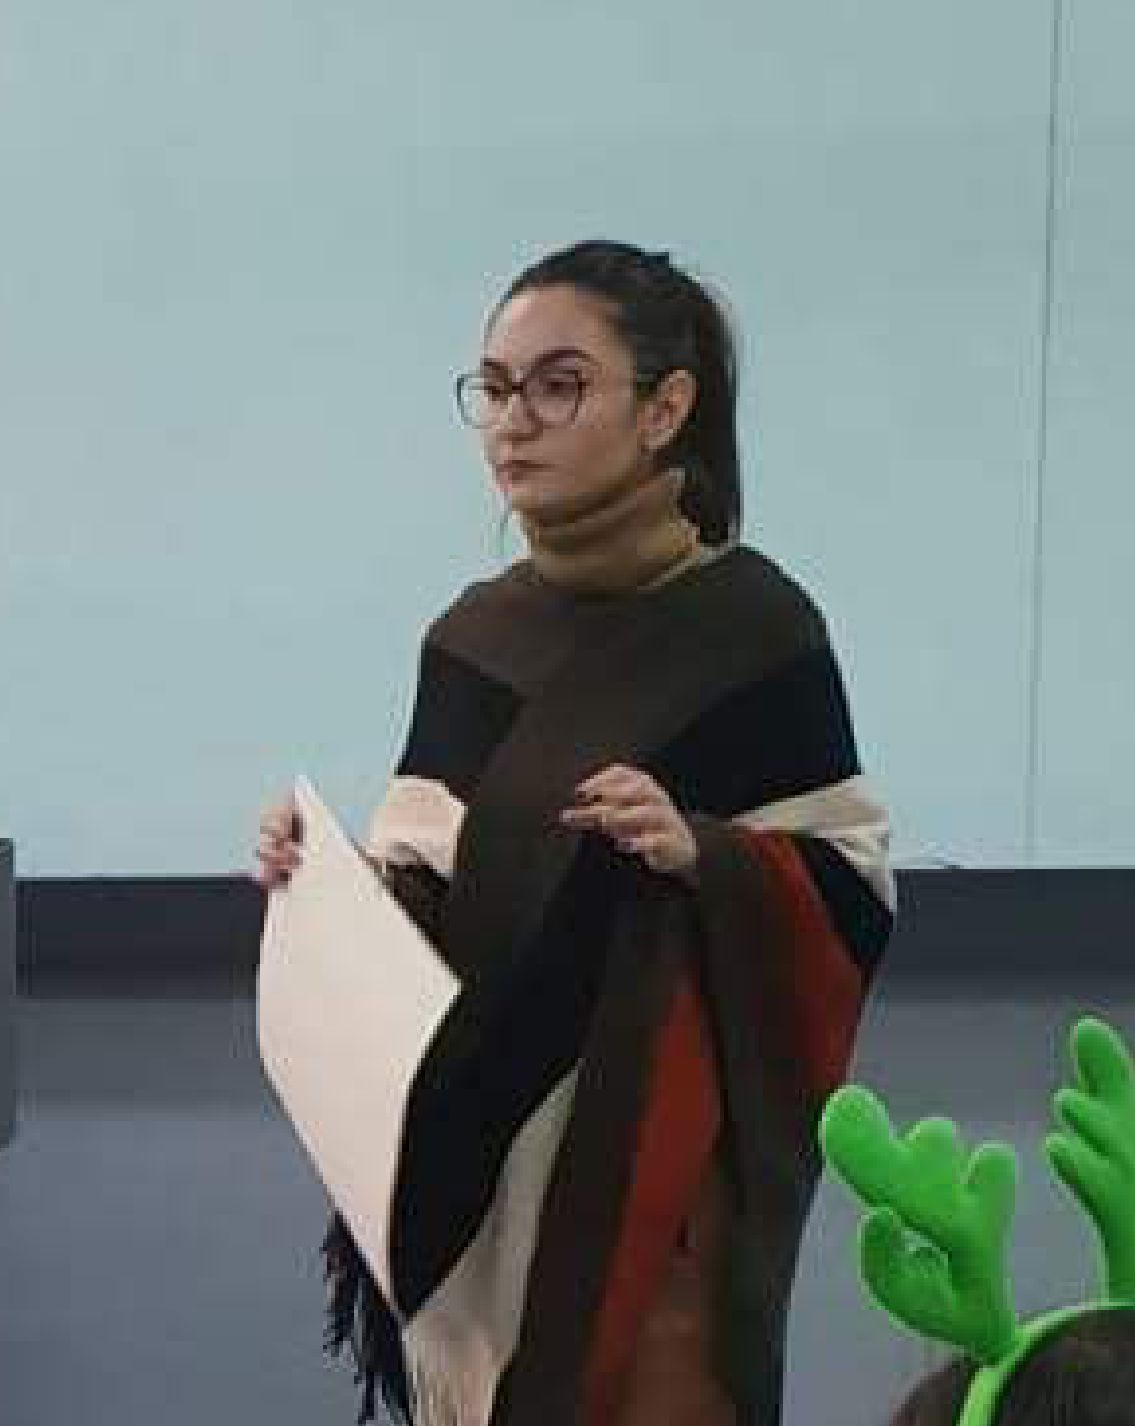 educator-scoala-de-mediu-adriana-dinu